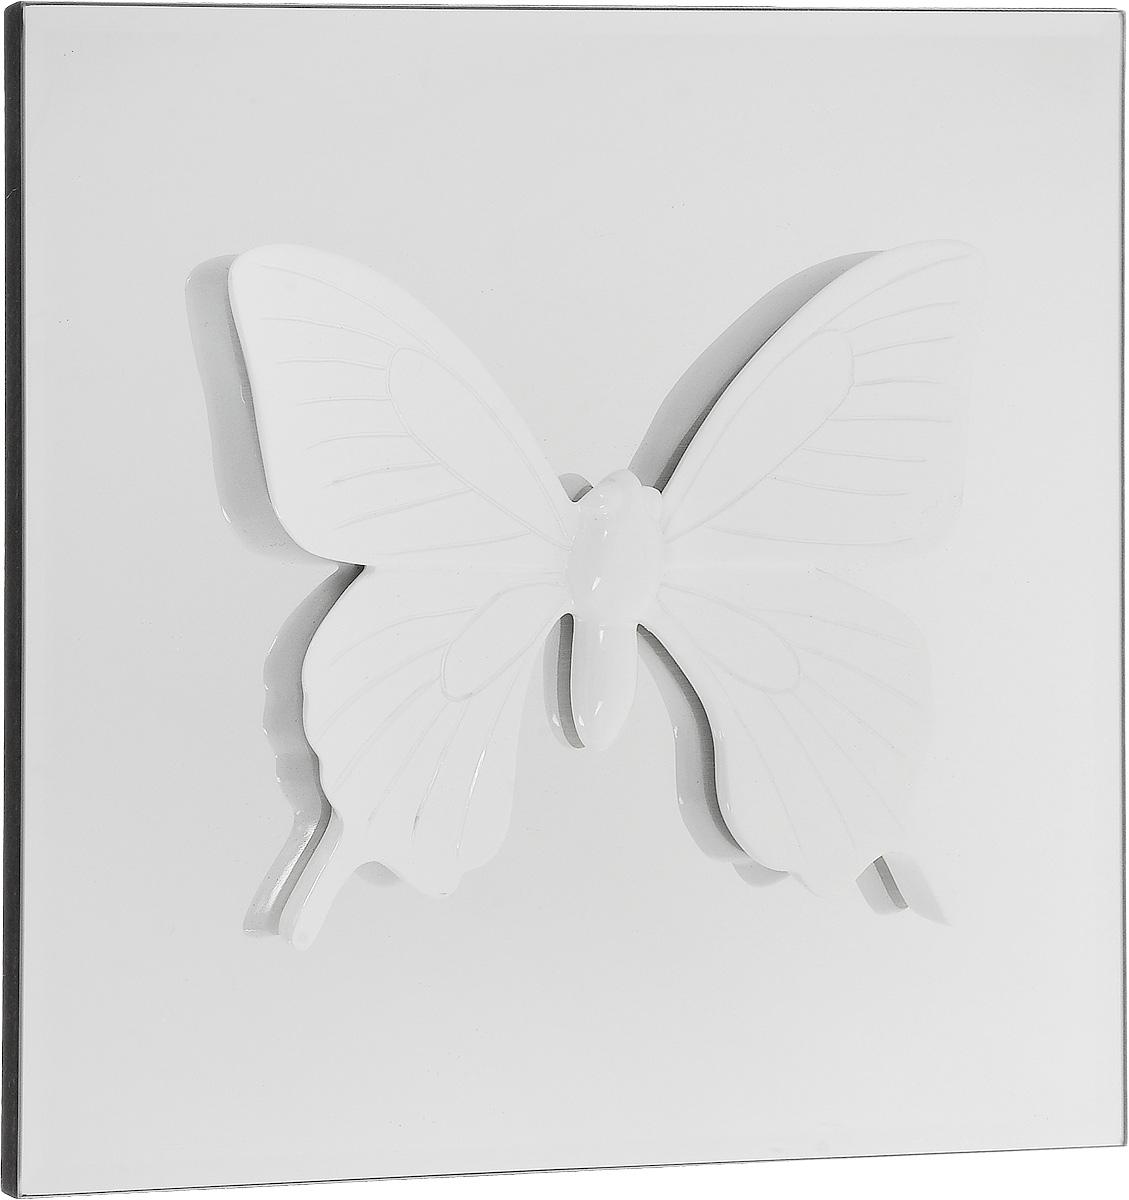 Украшение декоративное Феникс-Презент Бабочка, настенное, 30 x 30 x 2,5 см28151Настенное украшение Феникс-Презент Бабочка изготовлено из основы МДФ и зеркального стекла, декоративный элемент выполнен из полирезина в виде бабочки. Для удобства размещения изделие оснащено металлической петелькой для подвешивания. Такое украшение не только подчеркнет ваш изысканный вкус, но и прекрасным подарком, который обязательно порадует получателя.